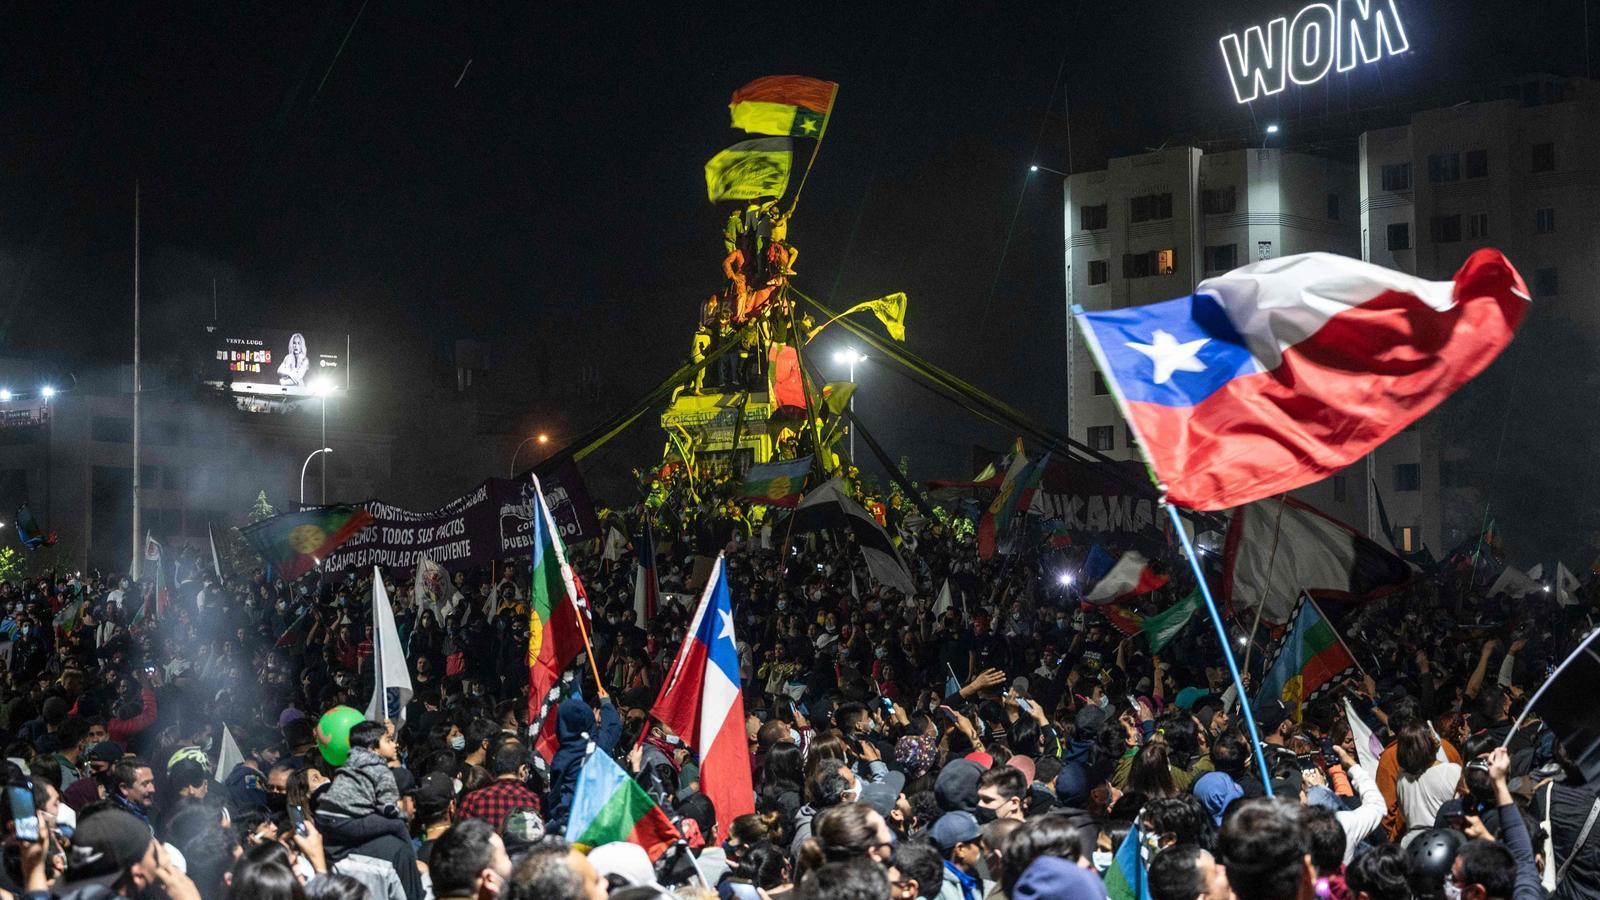 Celebració dels partidaris de canviar la constitució xilena, diumenge a la nit a Santiago